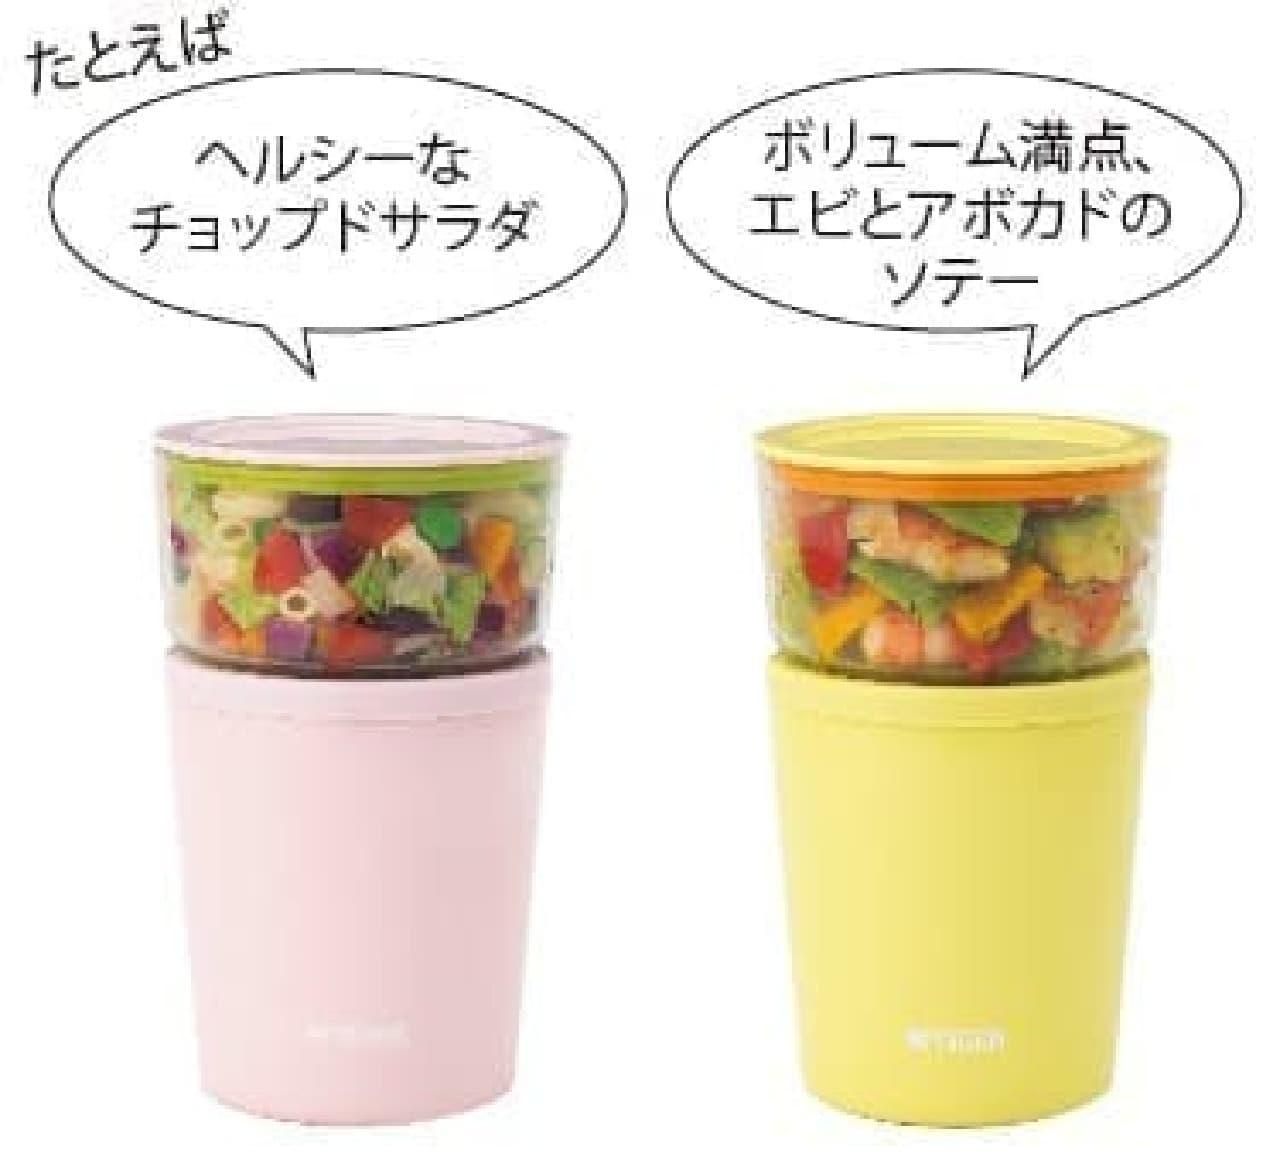 タイガー魔法瓶「LUNCH CUP(ランチカップ)」